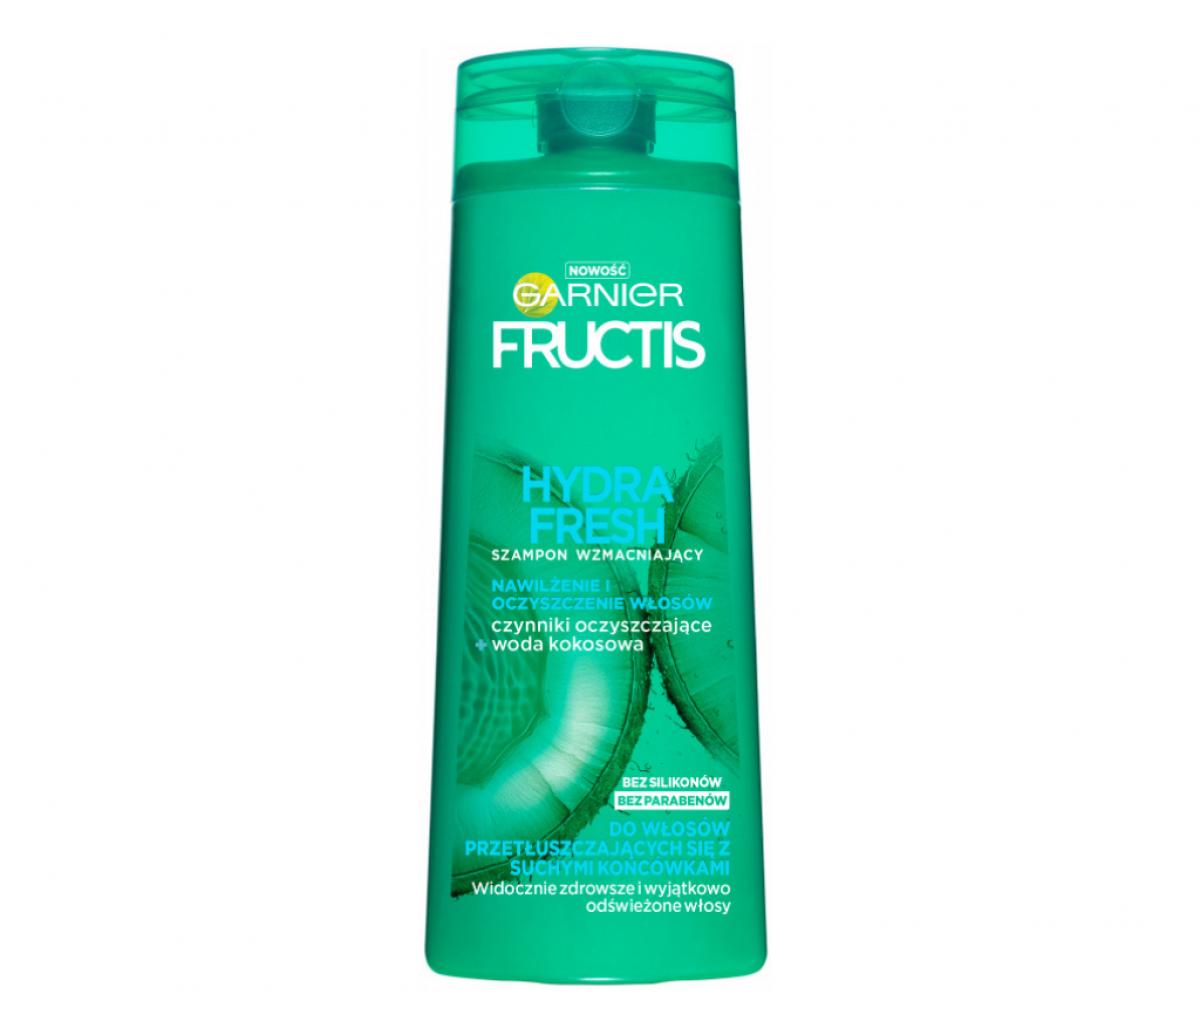 Garnier 400ml Fructis Hydra Fresh Shampoo